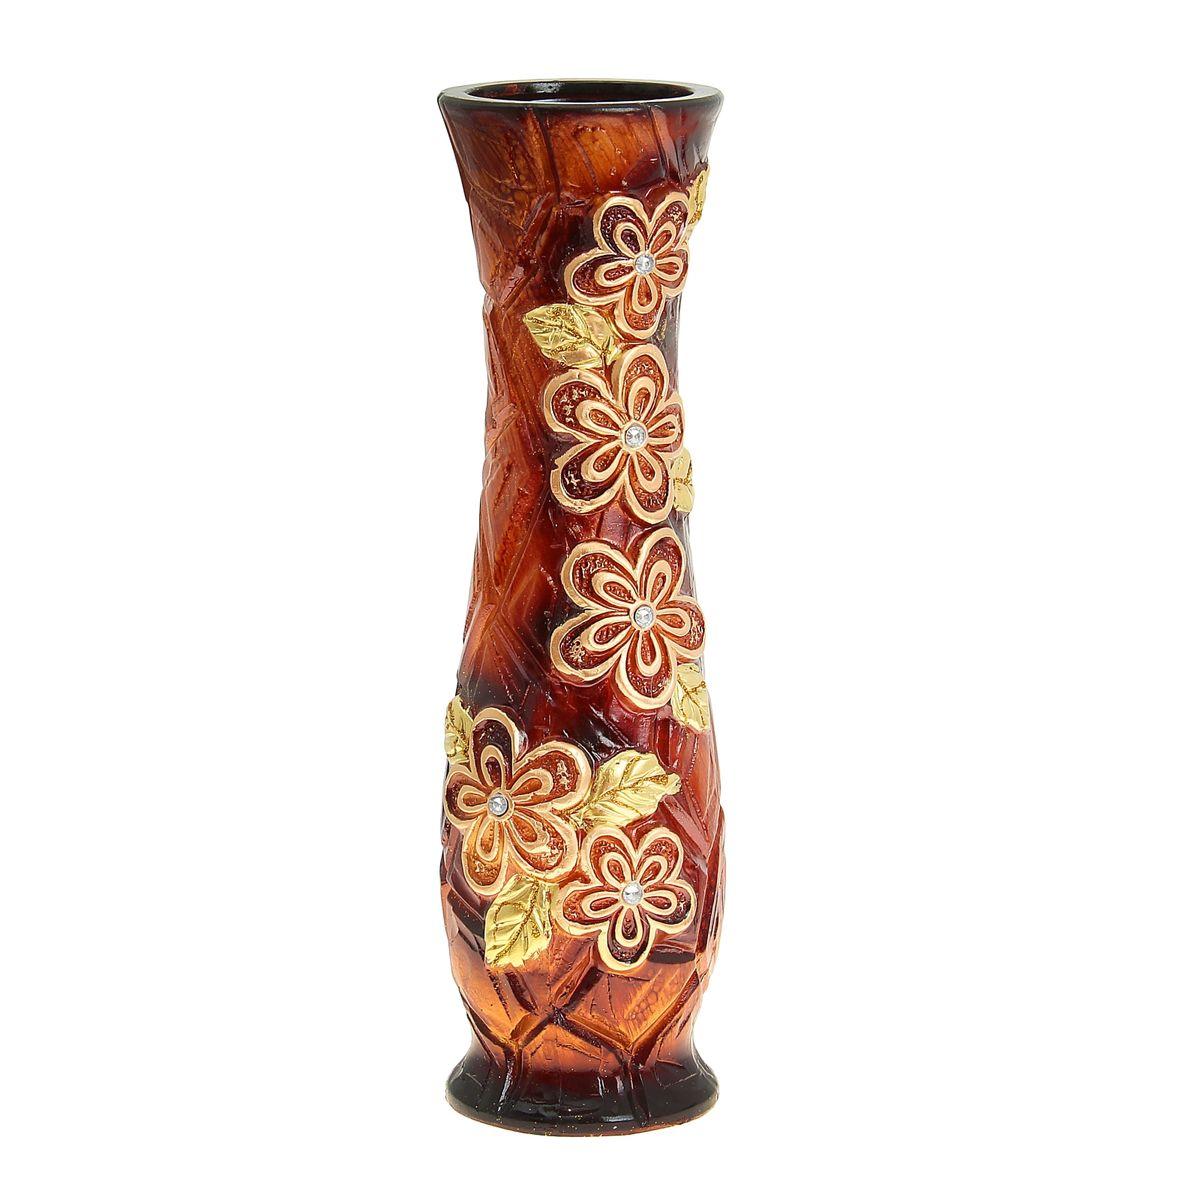 Ваза напольная Sima-land Ромашковое поле, высота 60 см912911Напольная ваза Sima-land Ромашковое поле, выполненная из керамики, станет изысканным украшением интерьера. Она предназначена как для живых, так и для искусственных цветов. Интересная форма и необычное оформление сделают эту вазу замечательным украшением интерьера. Любое помещение выглядит незавершенным без правильно расположенных предметов интерьера. Они помогают создать уют, расставить акценты, подчеркнуть достоинства или скрыть недостатки. Высота: 60 см.